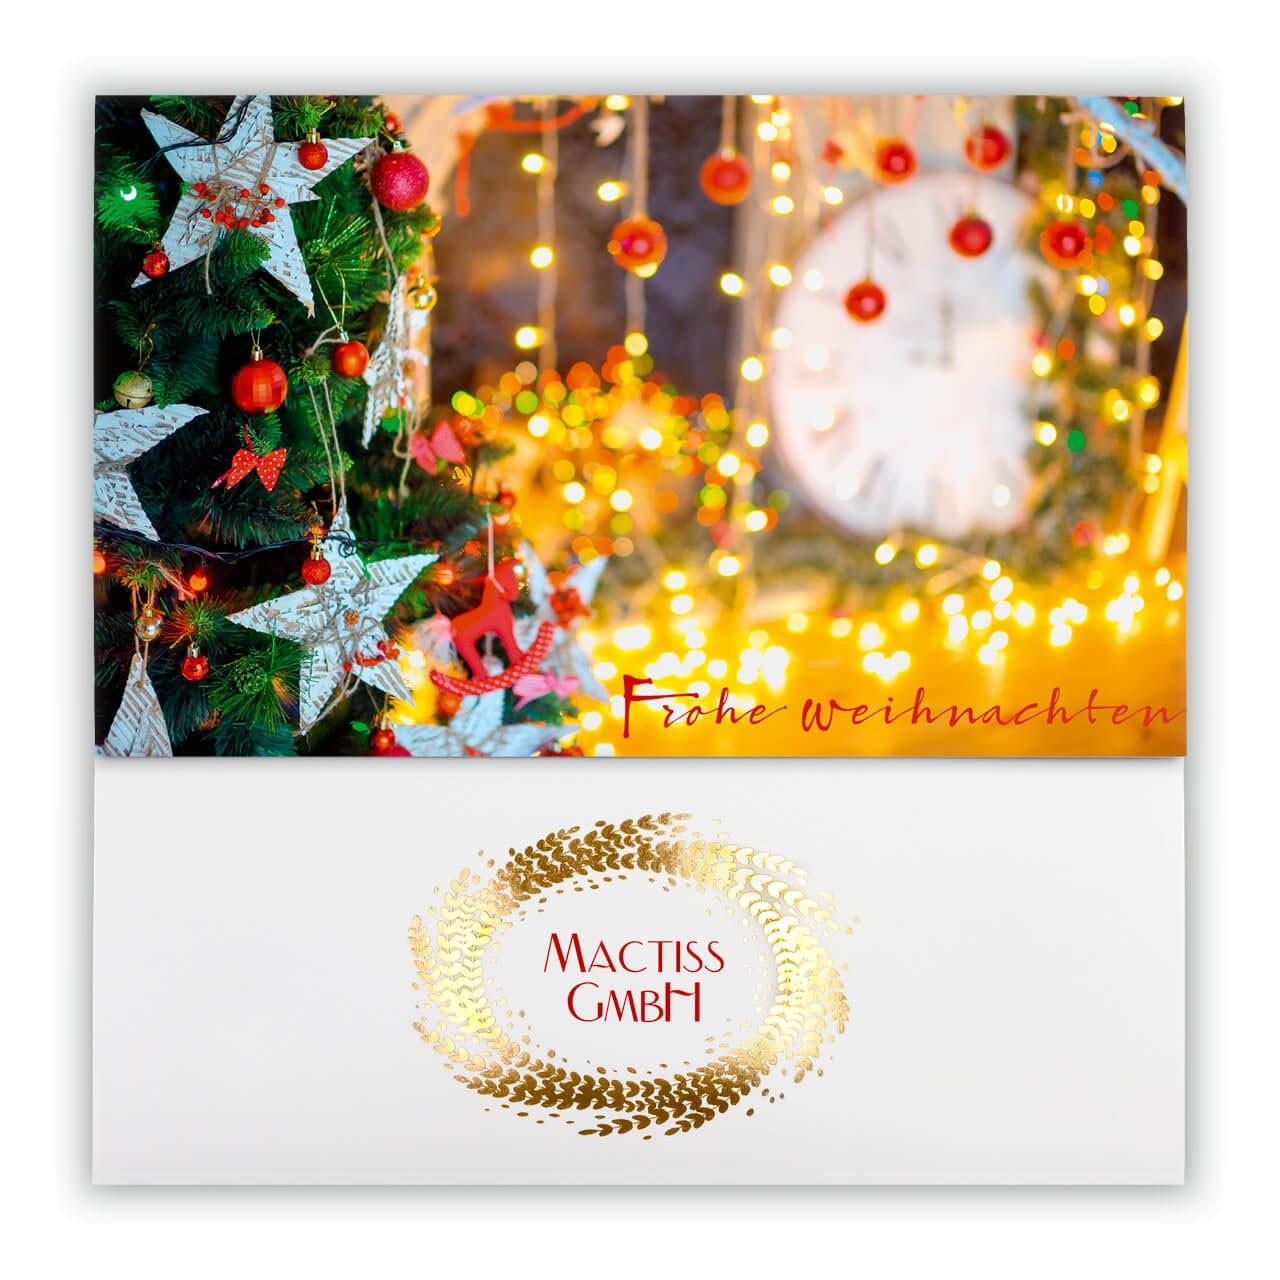 Weihnachtskarten Mit Firmenlogo.Weihnachtskarte Bunte Weihnacht Für Firmenlogo Aufdruck